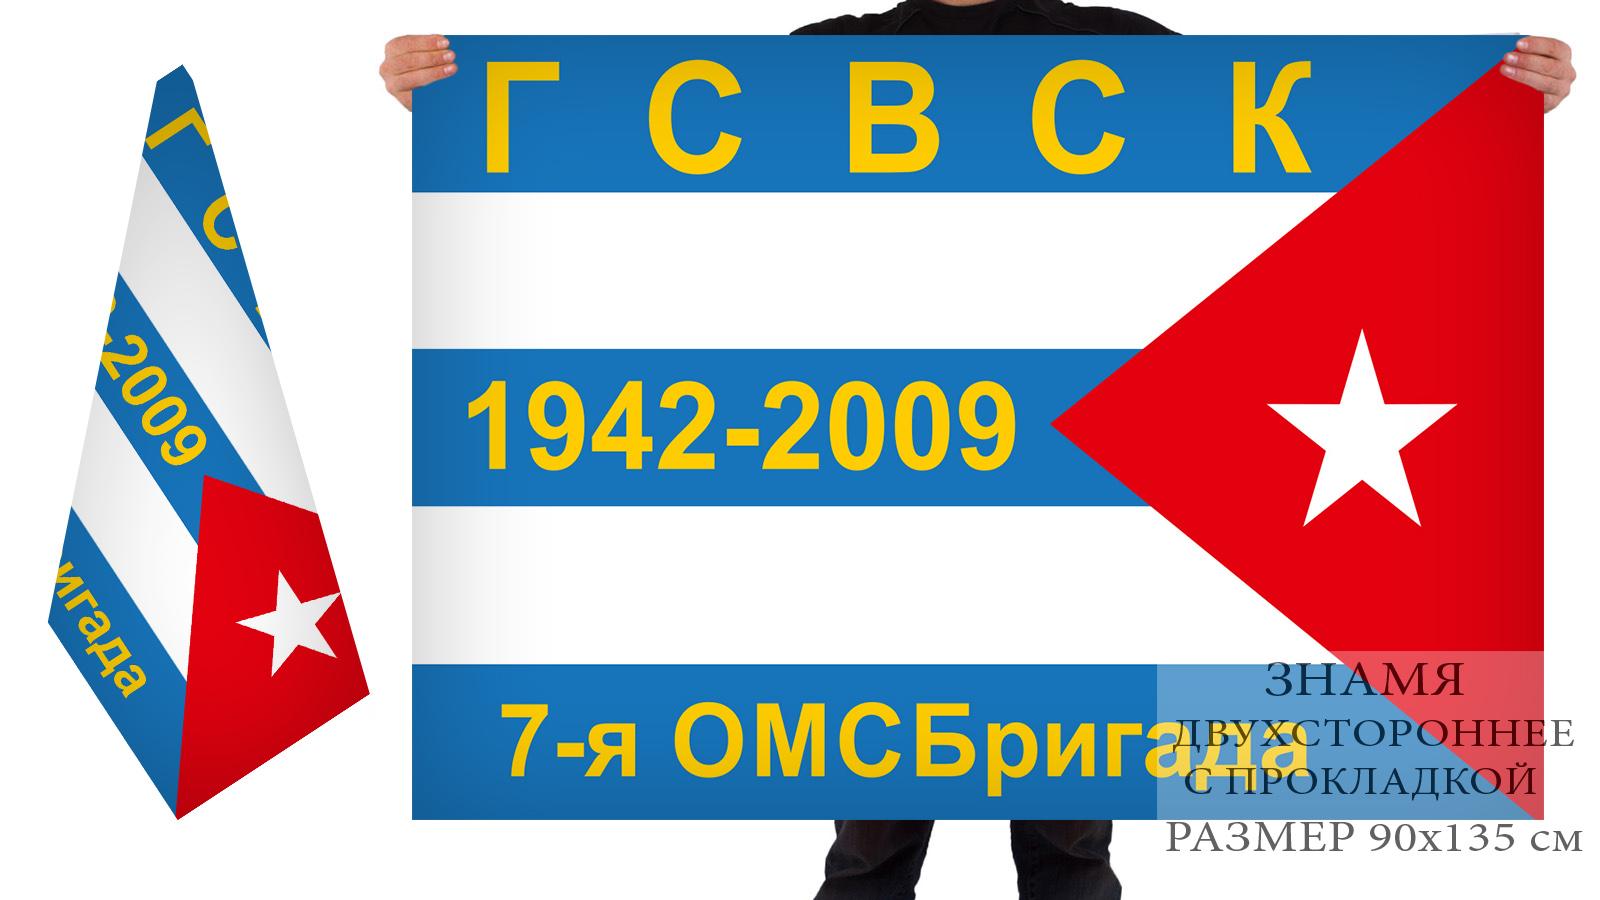 Двусторонний флаг 7 отдельной бригады мотострелков ГСВСК